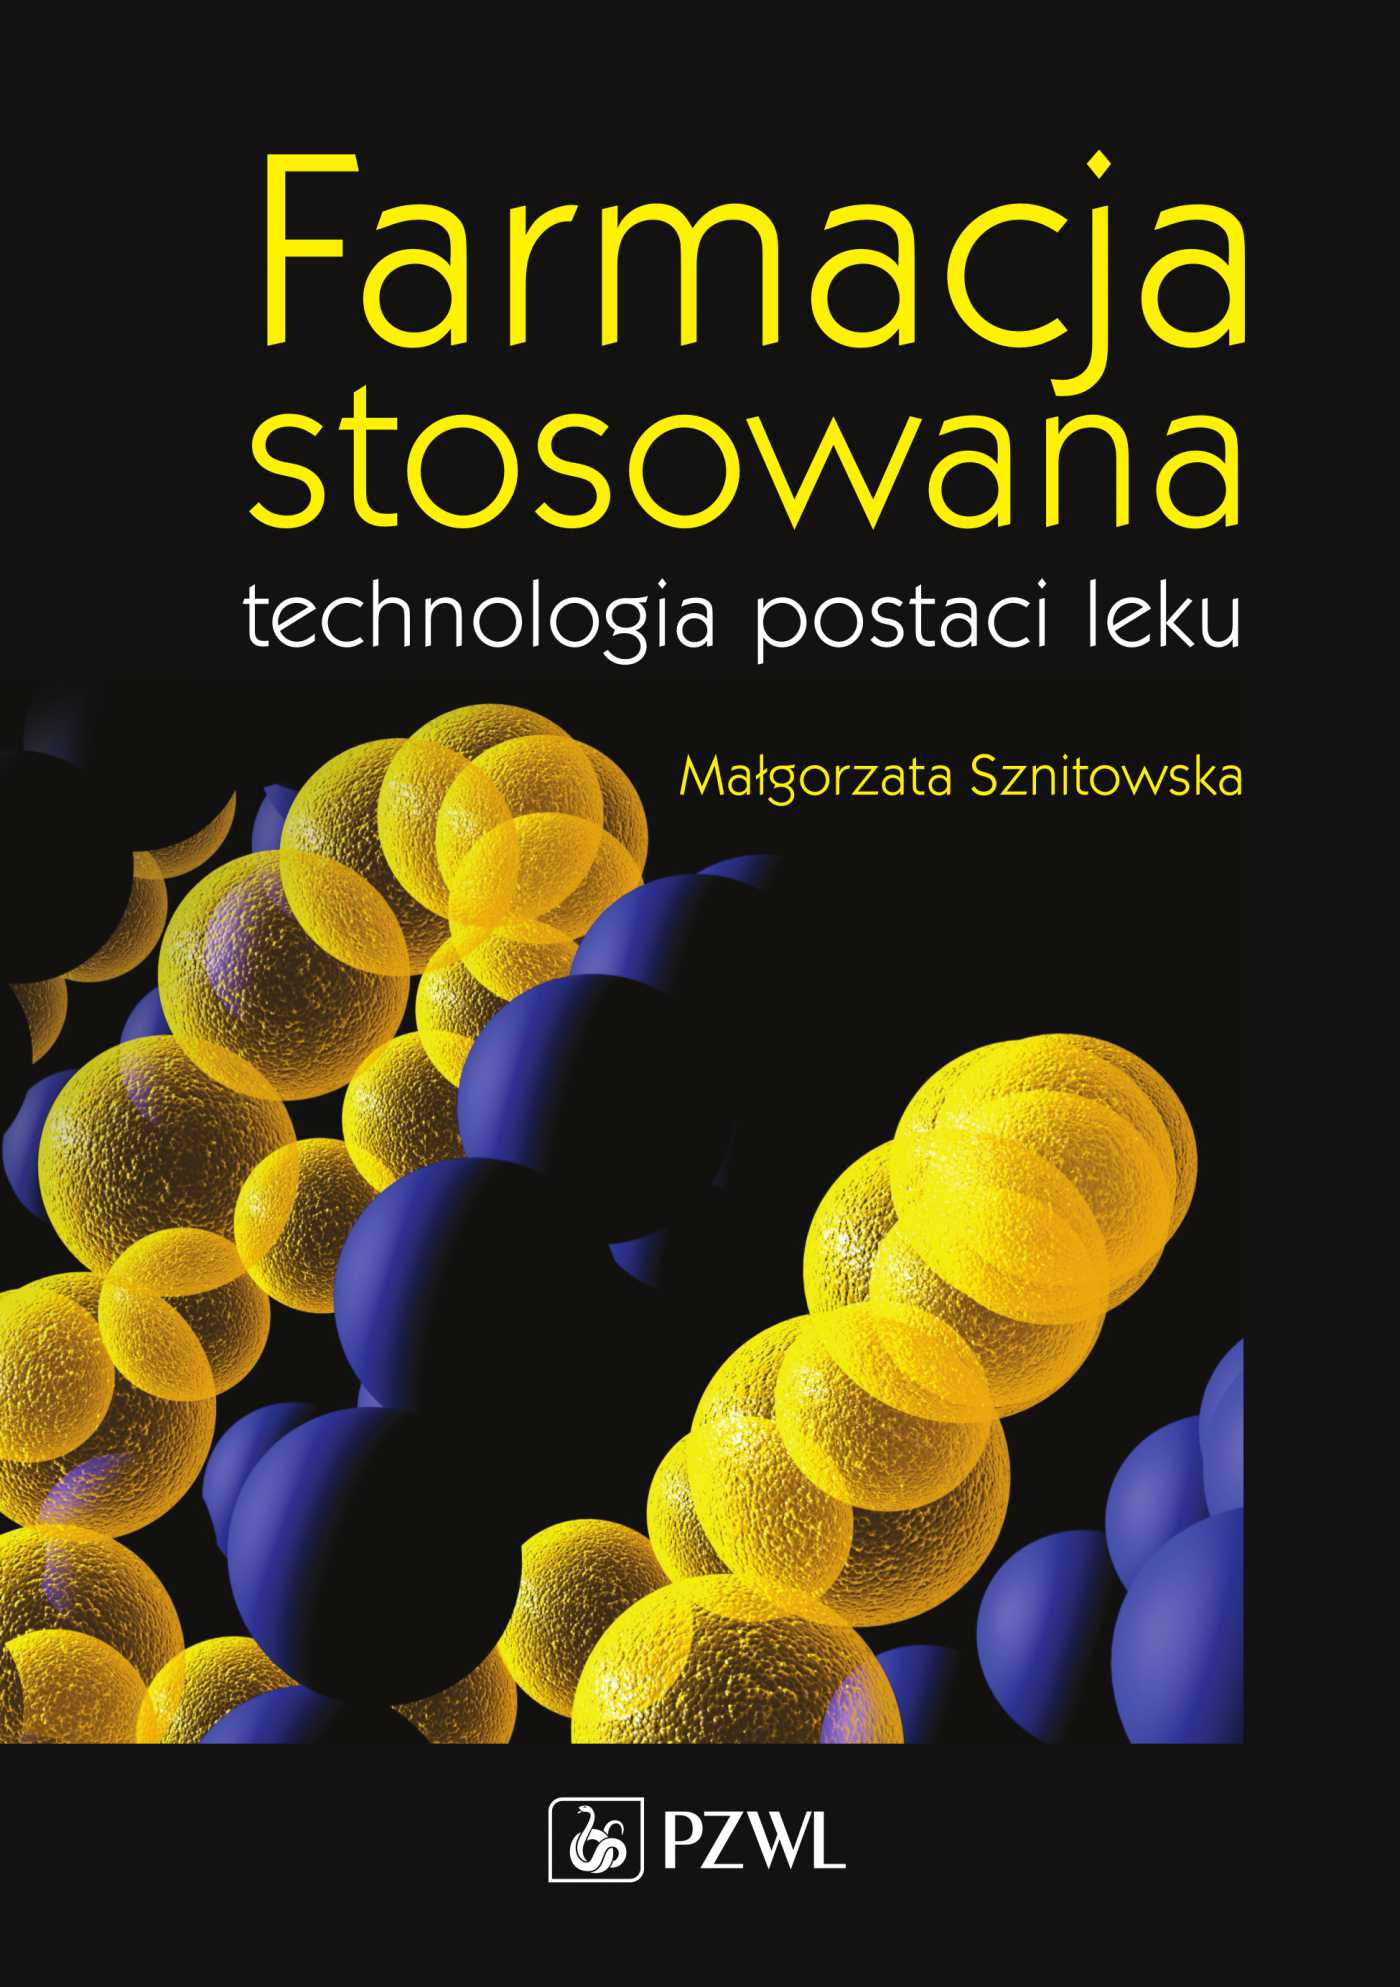 Farmacja stosowana. Technologia postaci leku - Ebook (Książka EPUB) do pobrania w formacie EPUB